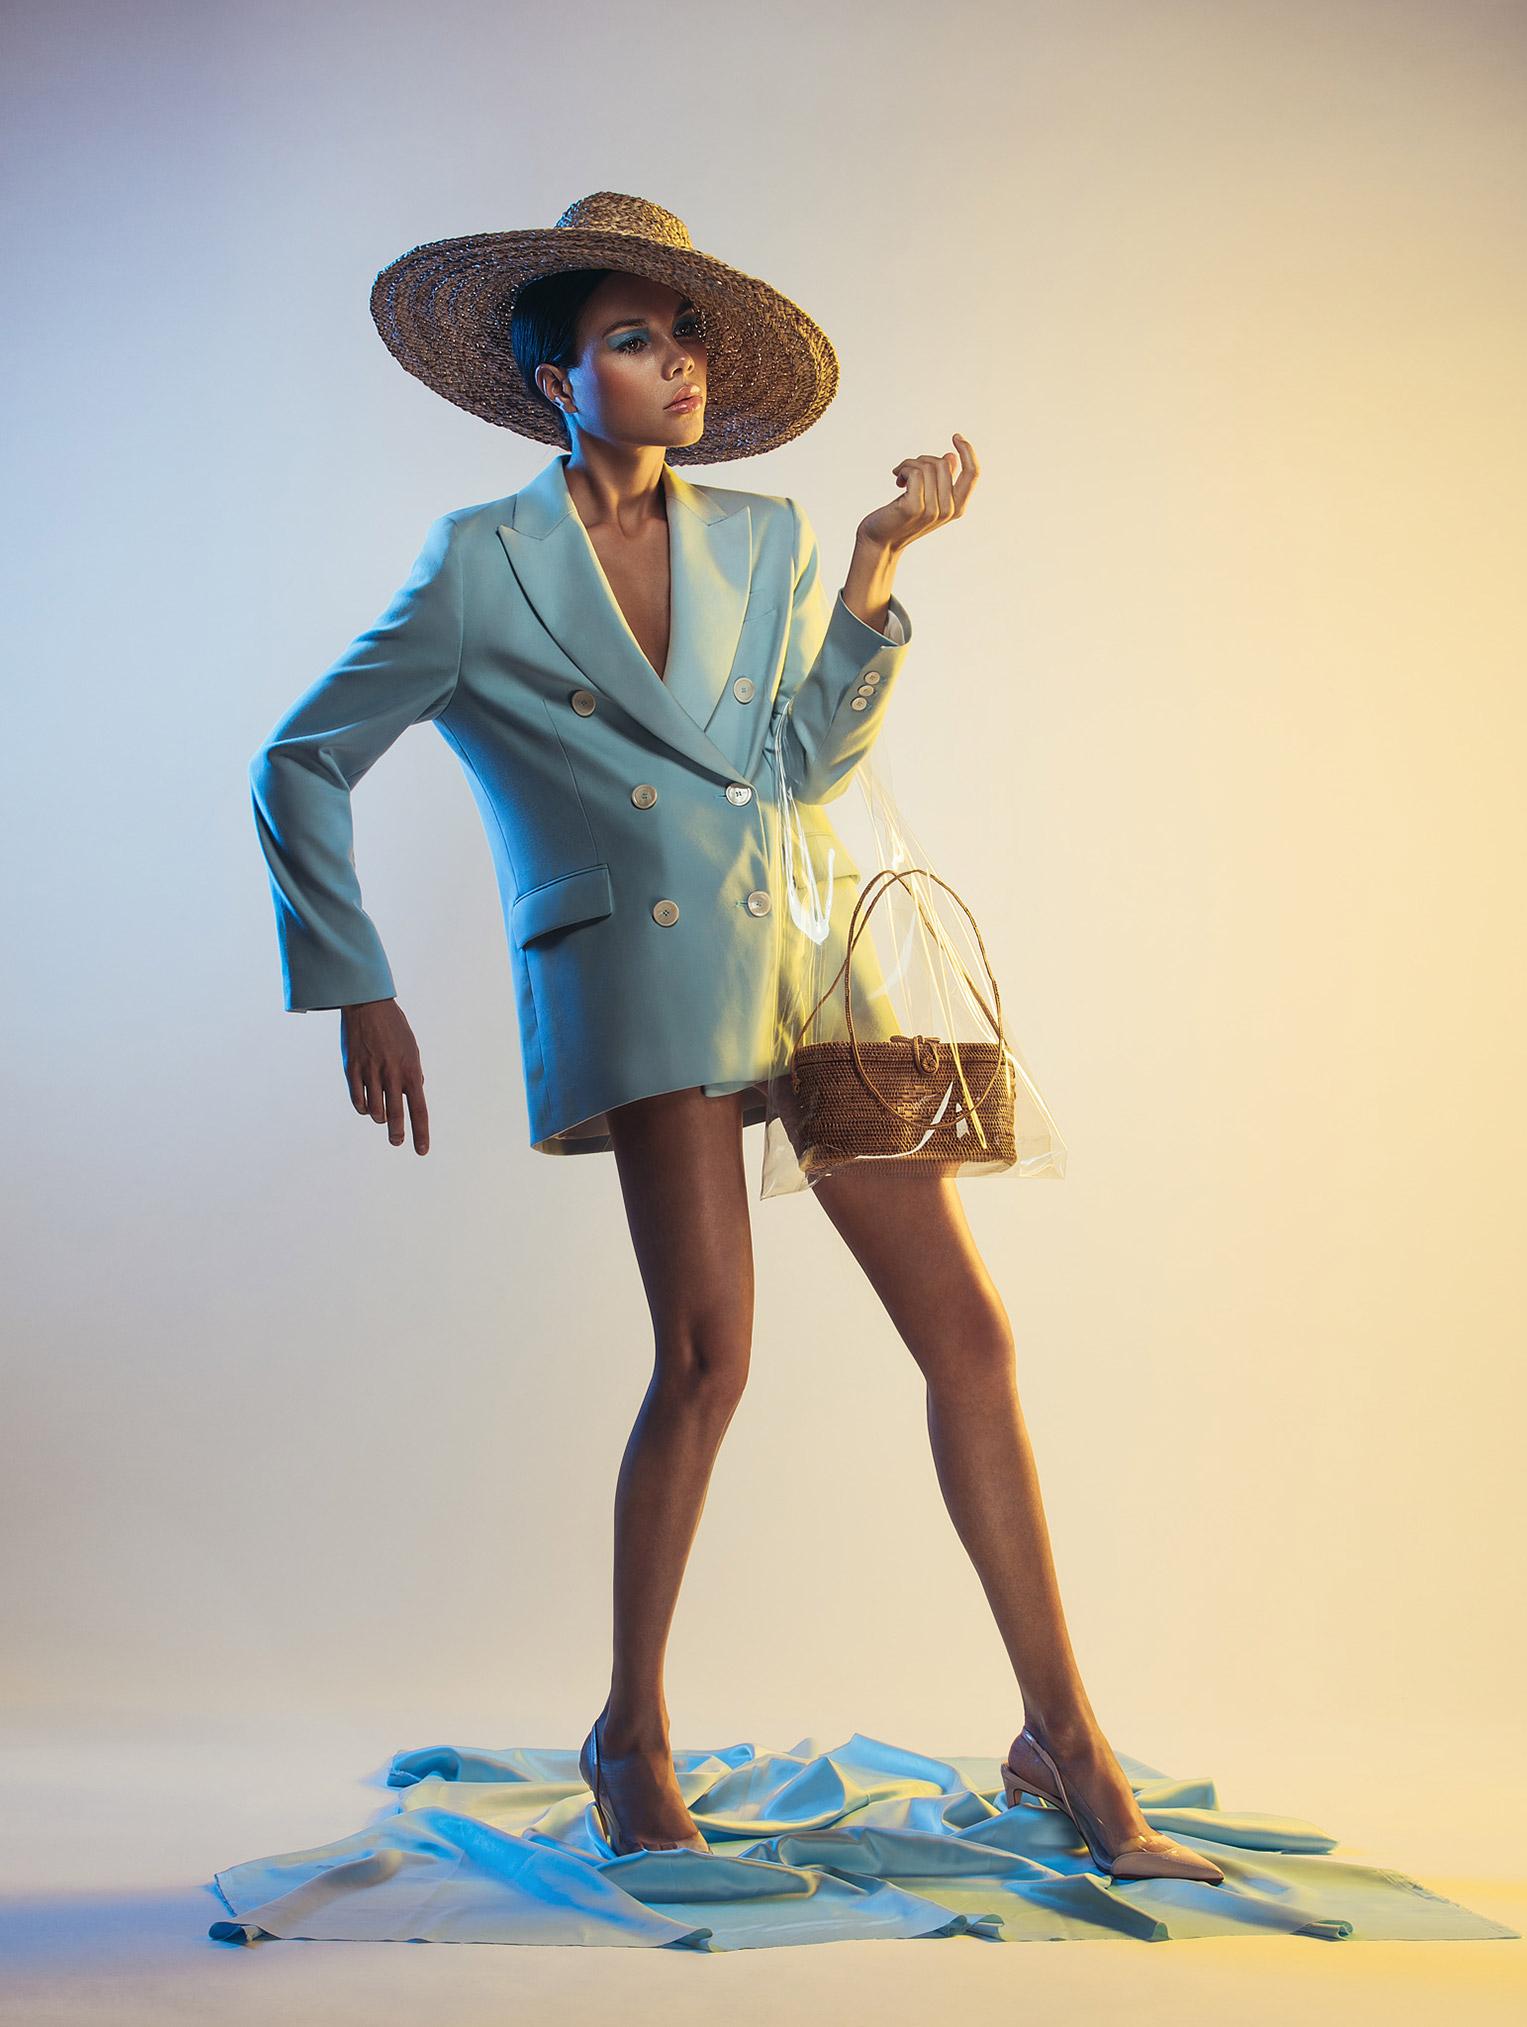 Джейн в каталоге модной одежды LouLou 2019 / фото 07